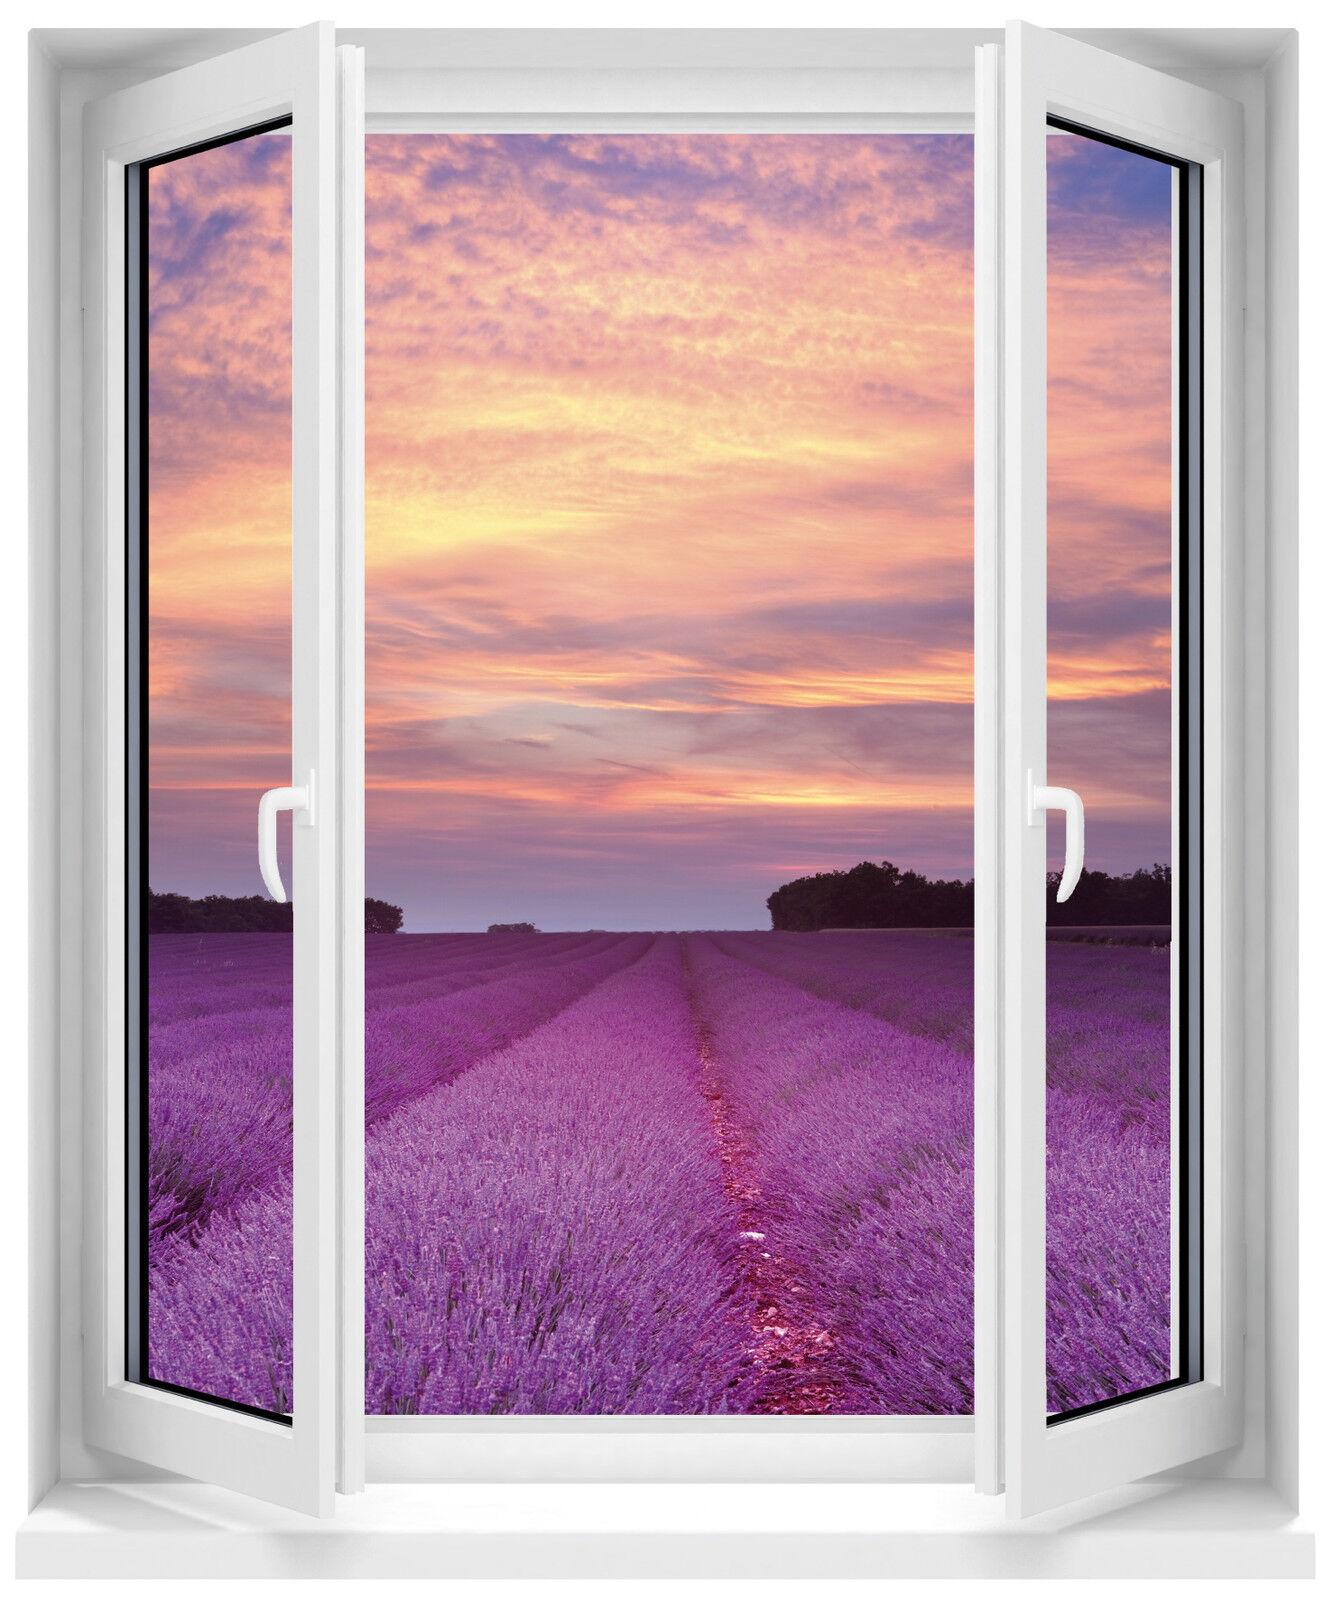 Aufkleber Fenster Schein Auge Lavendel 60x80cm F505